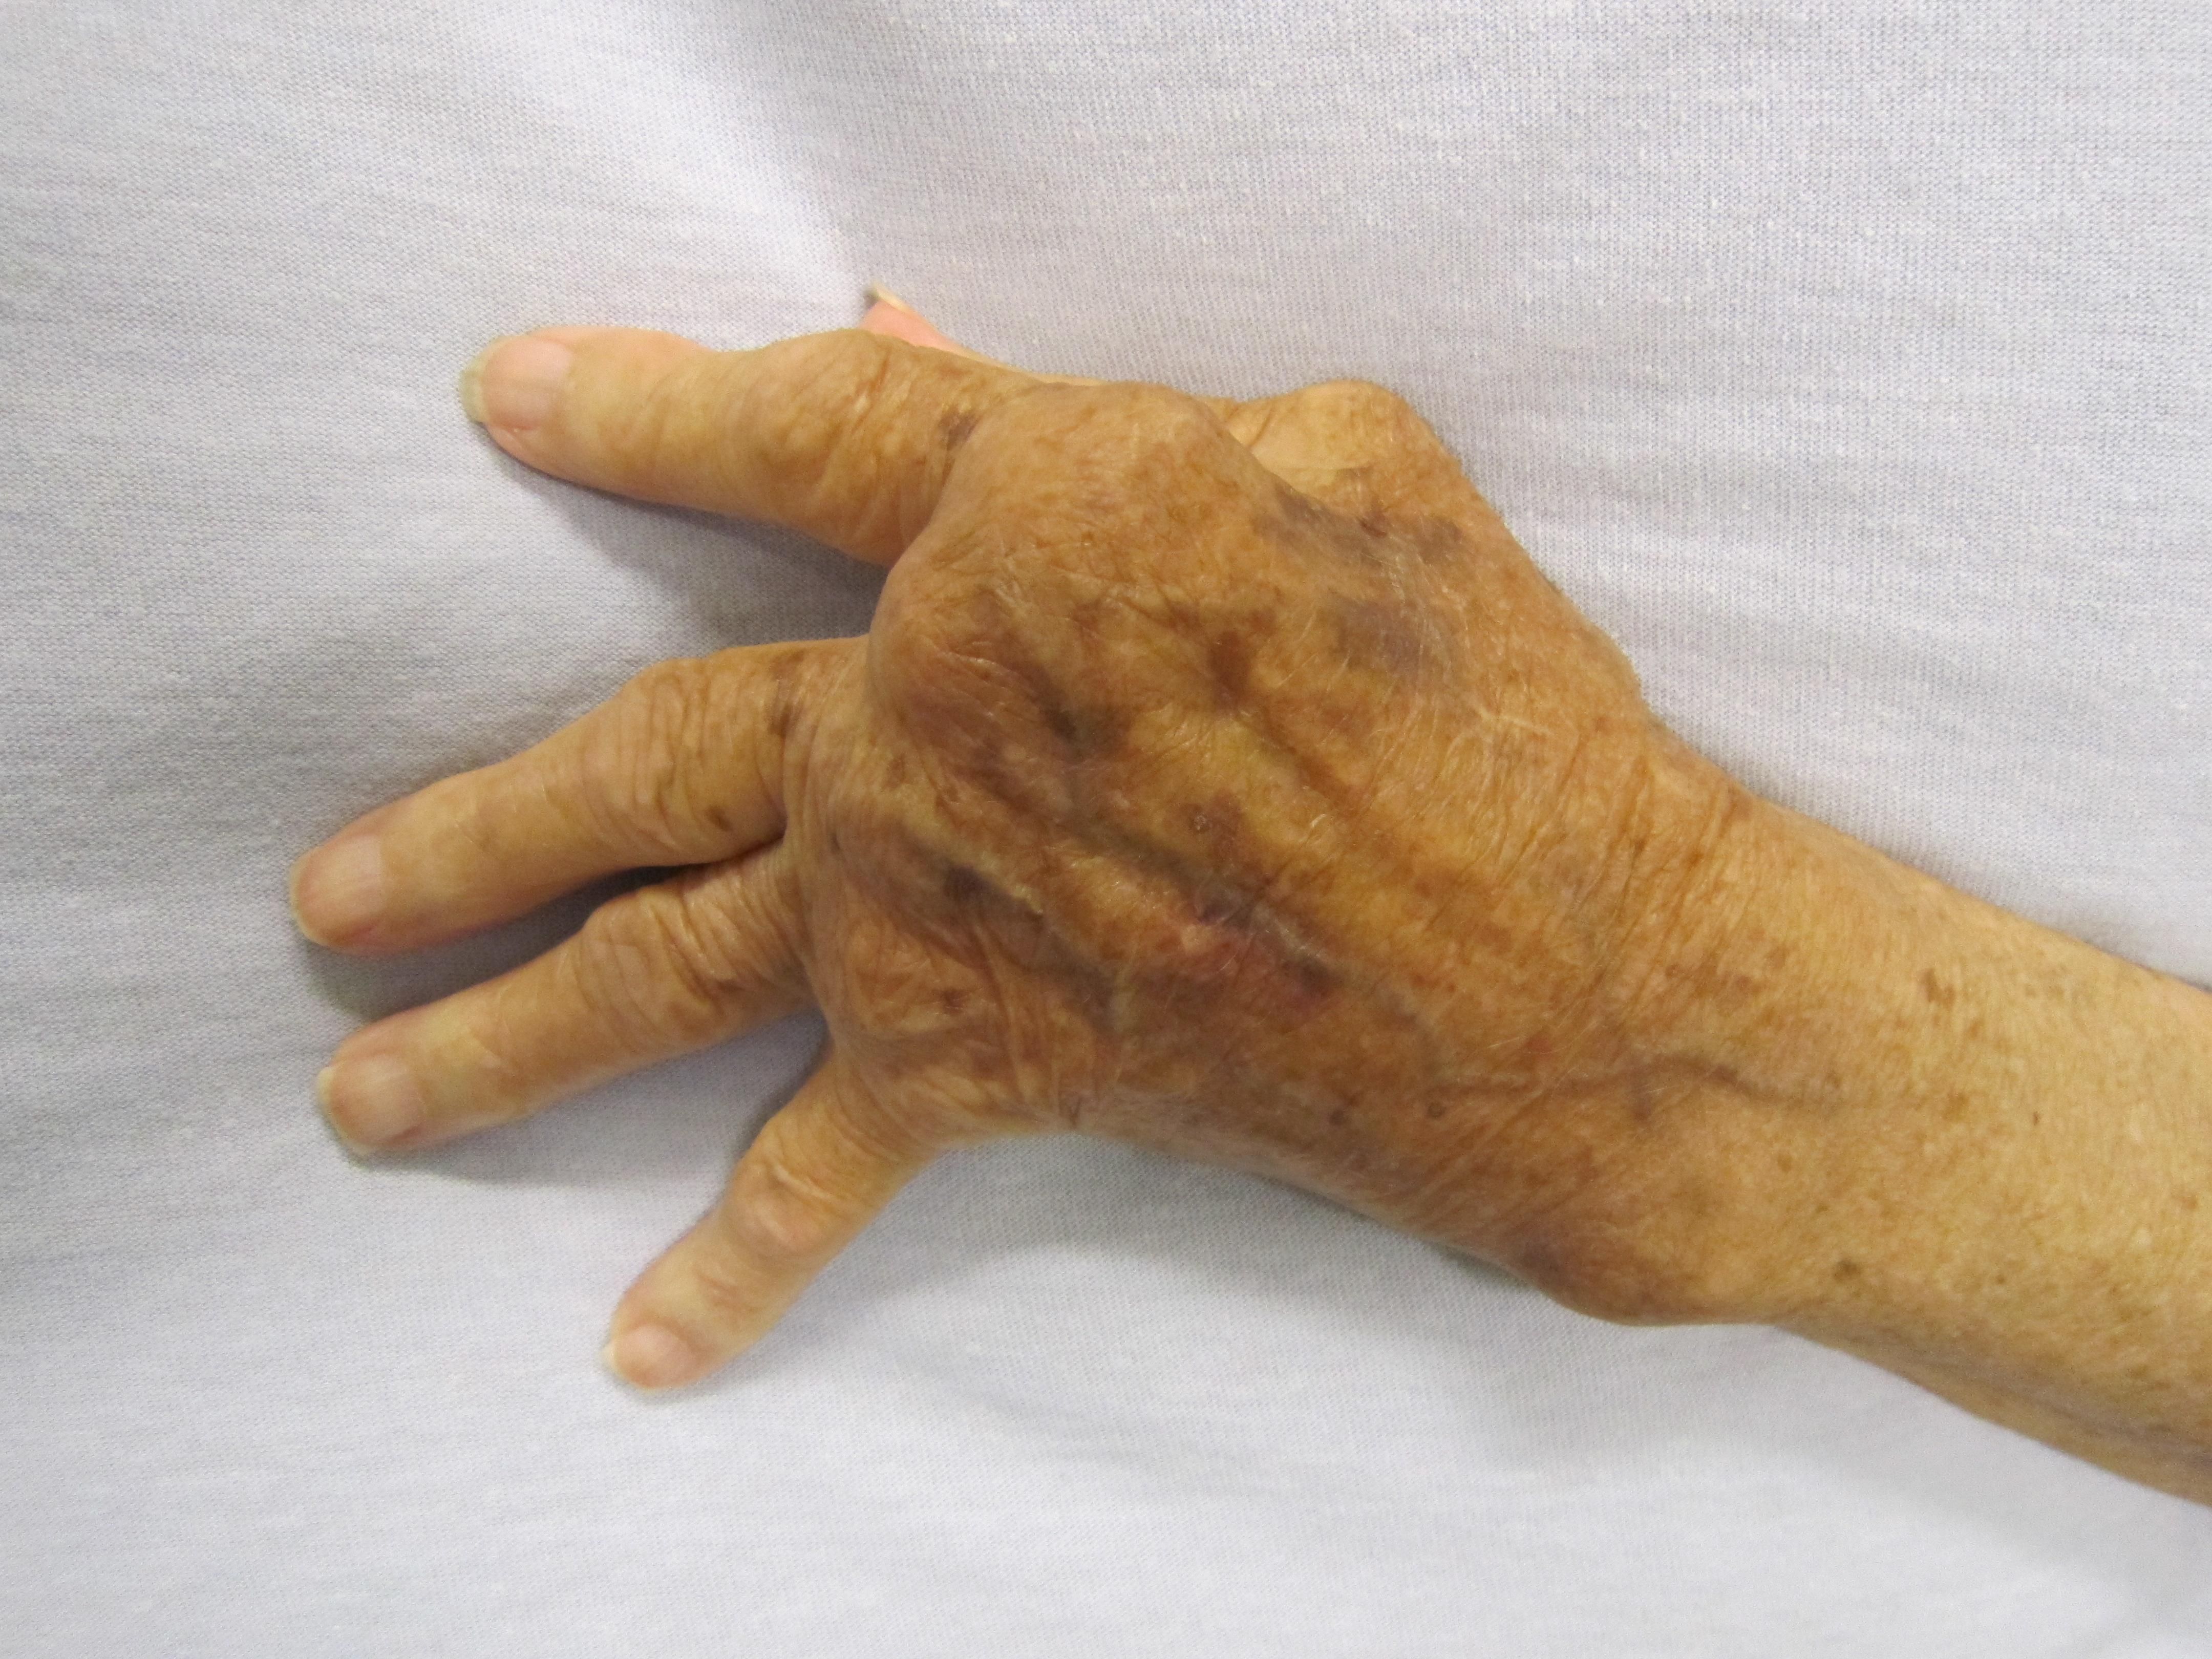 nem specifikus ízületi betegségek a könyök ízületének inak törése